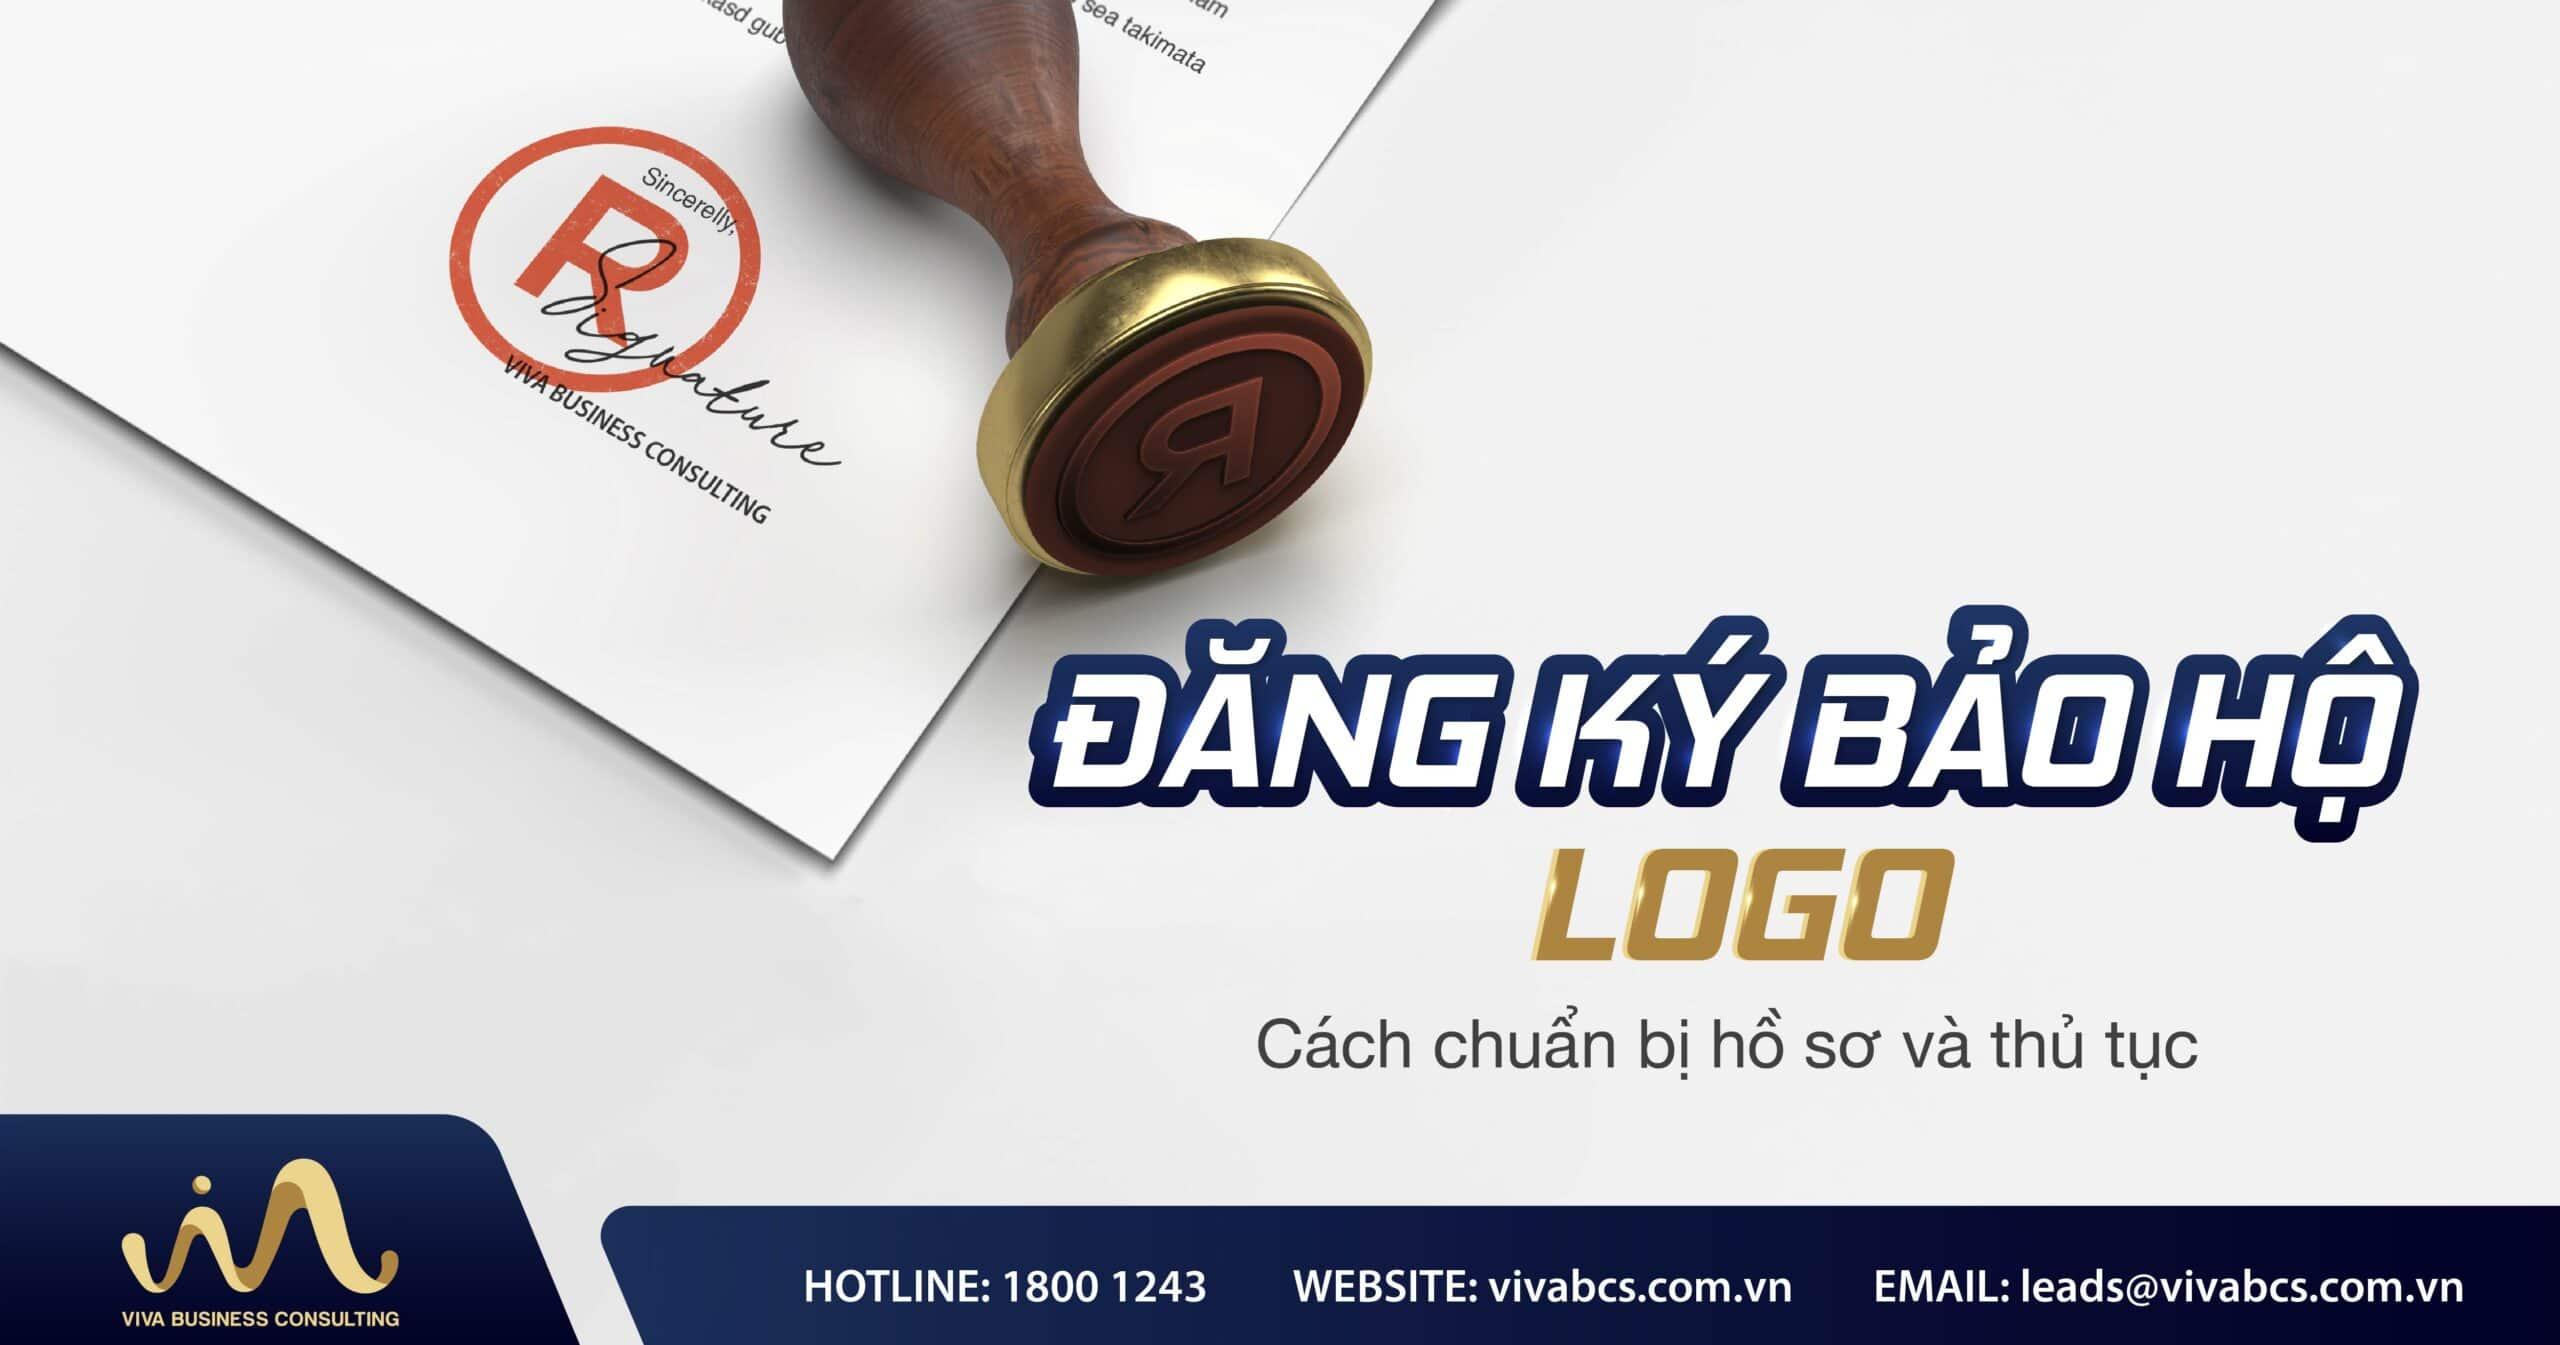 Hồ sơ & thủ tục đăng ký bảo hộ Logo - Nhãn hiệu